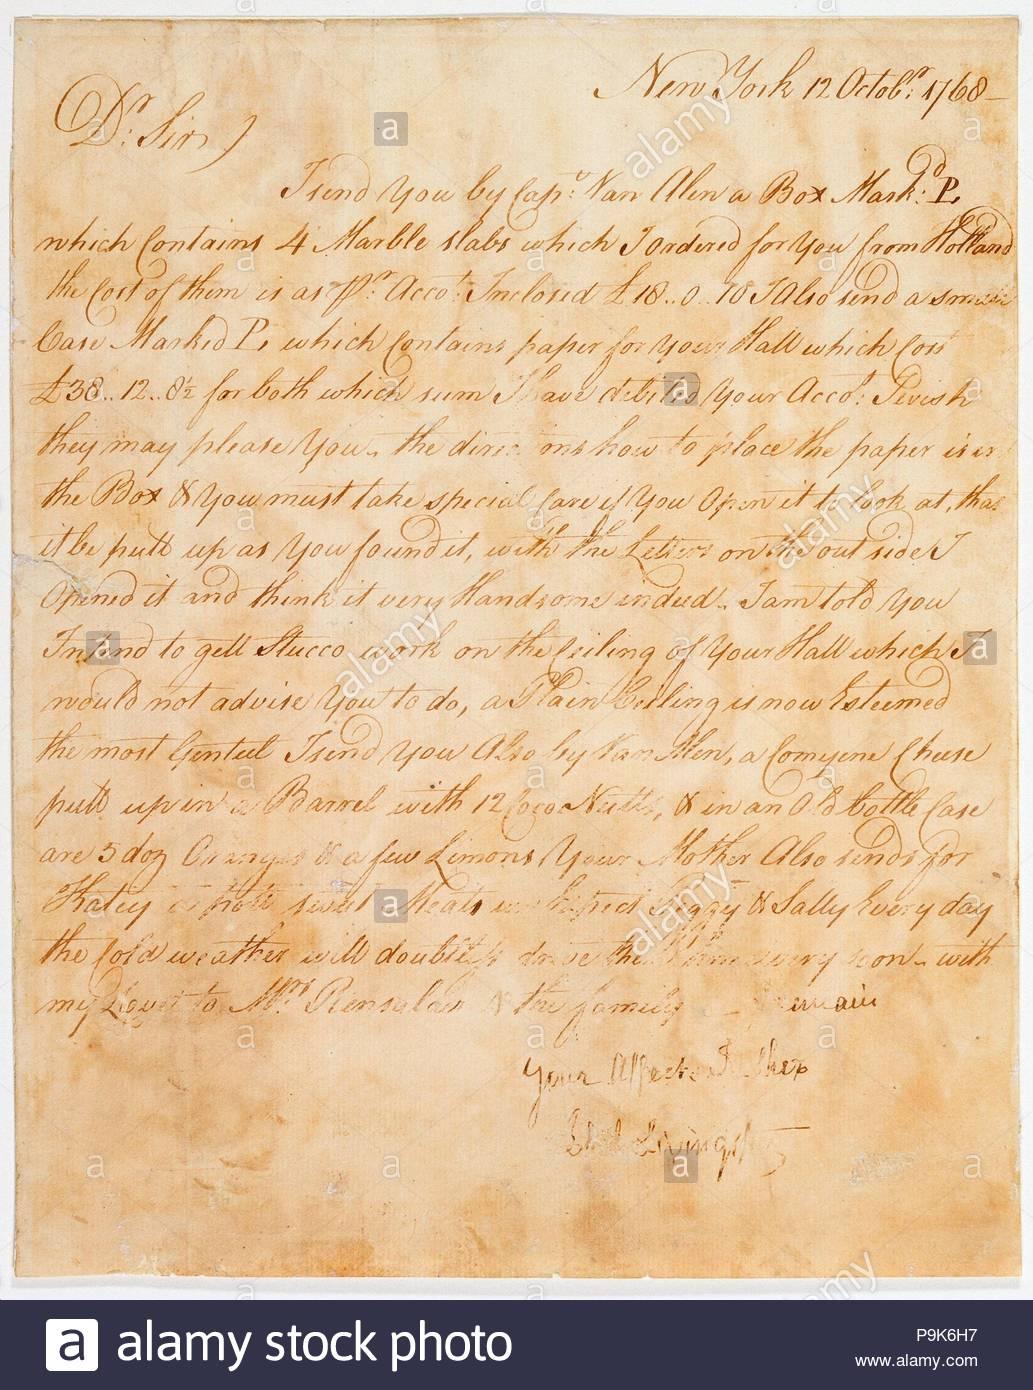 Plan, Brief und Rechnung für das Hintergrundbild für den Saal der Van Rensselaer Mansion, 1768, American, Pergamentpapier, 14 3/8 x 19 3/4 in. (36,5 x 50,2 cm), natürliche Substanzen, Philip Livingston. Stockbild